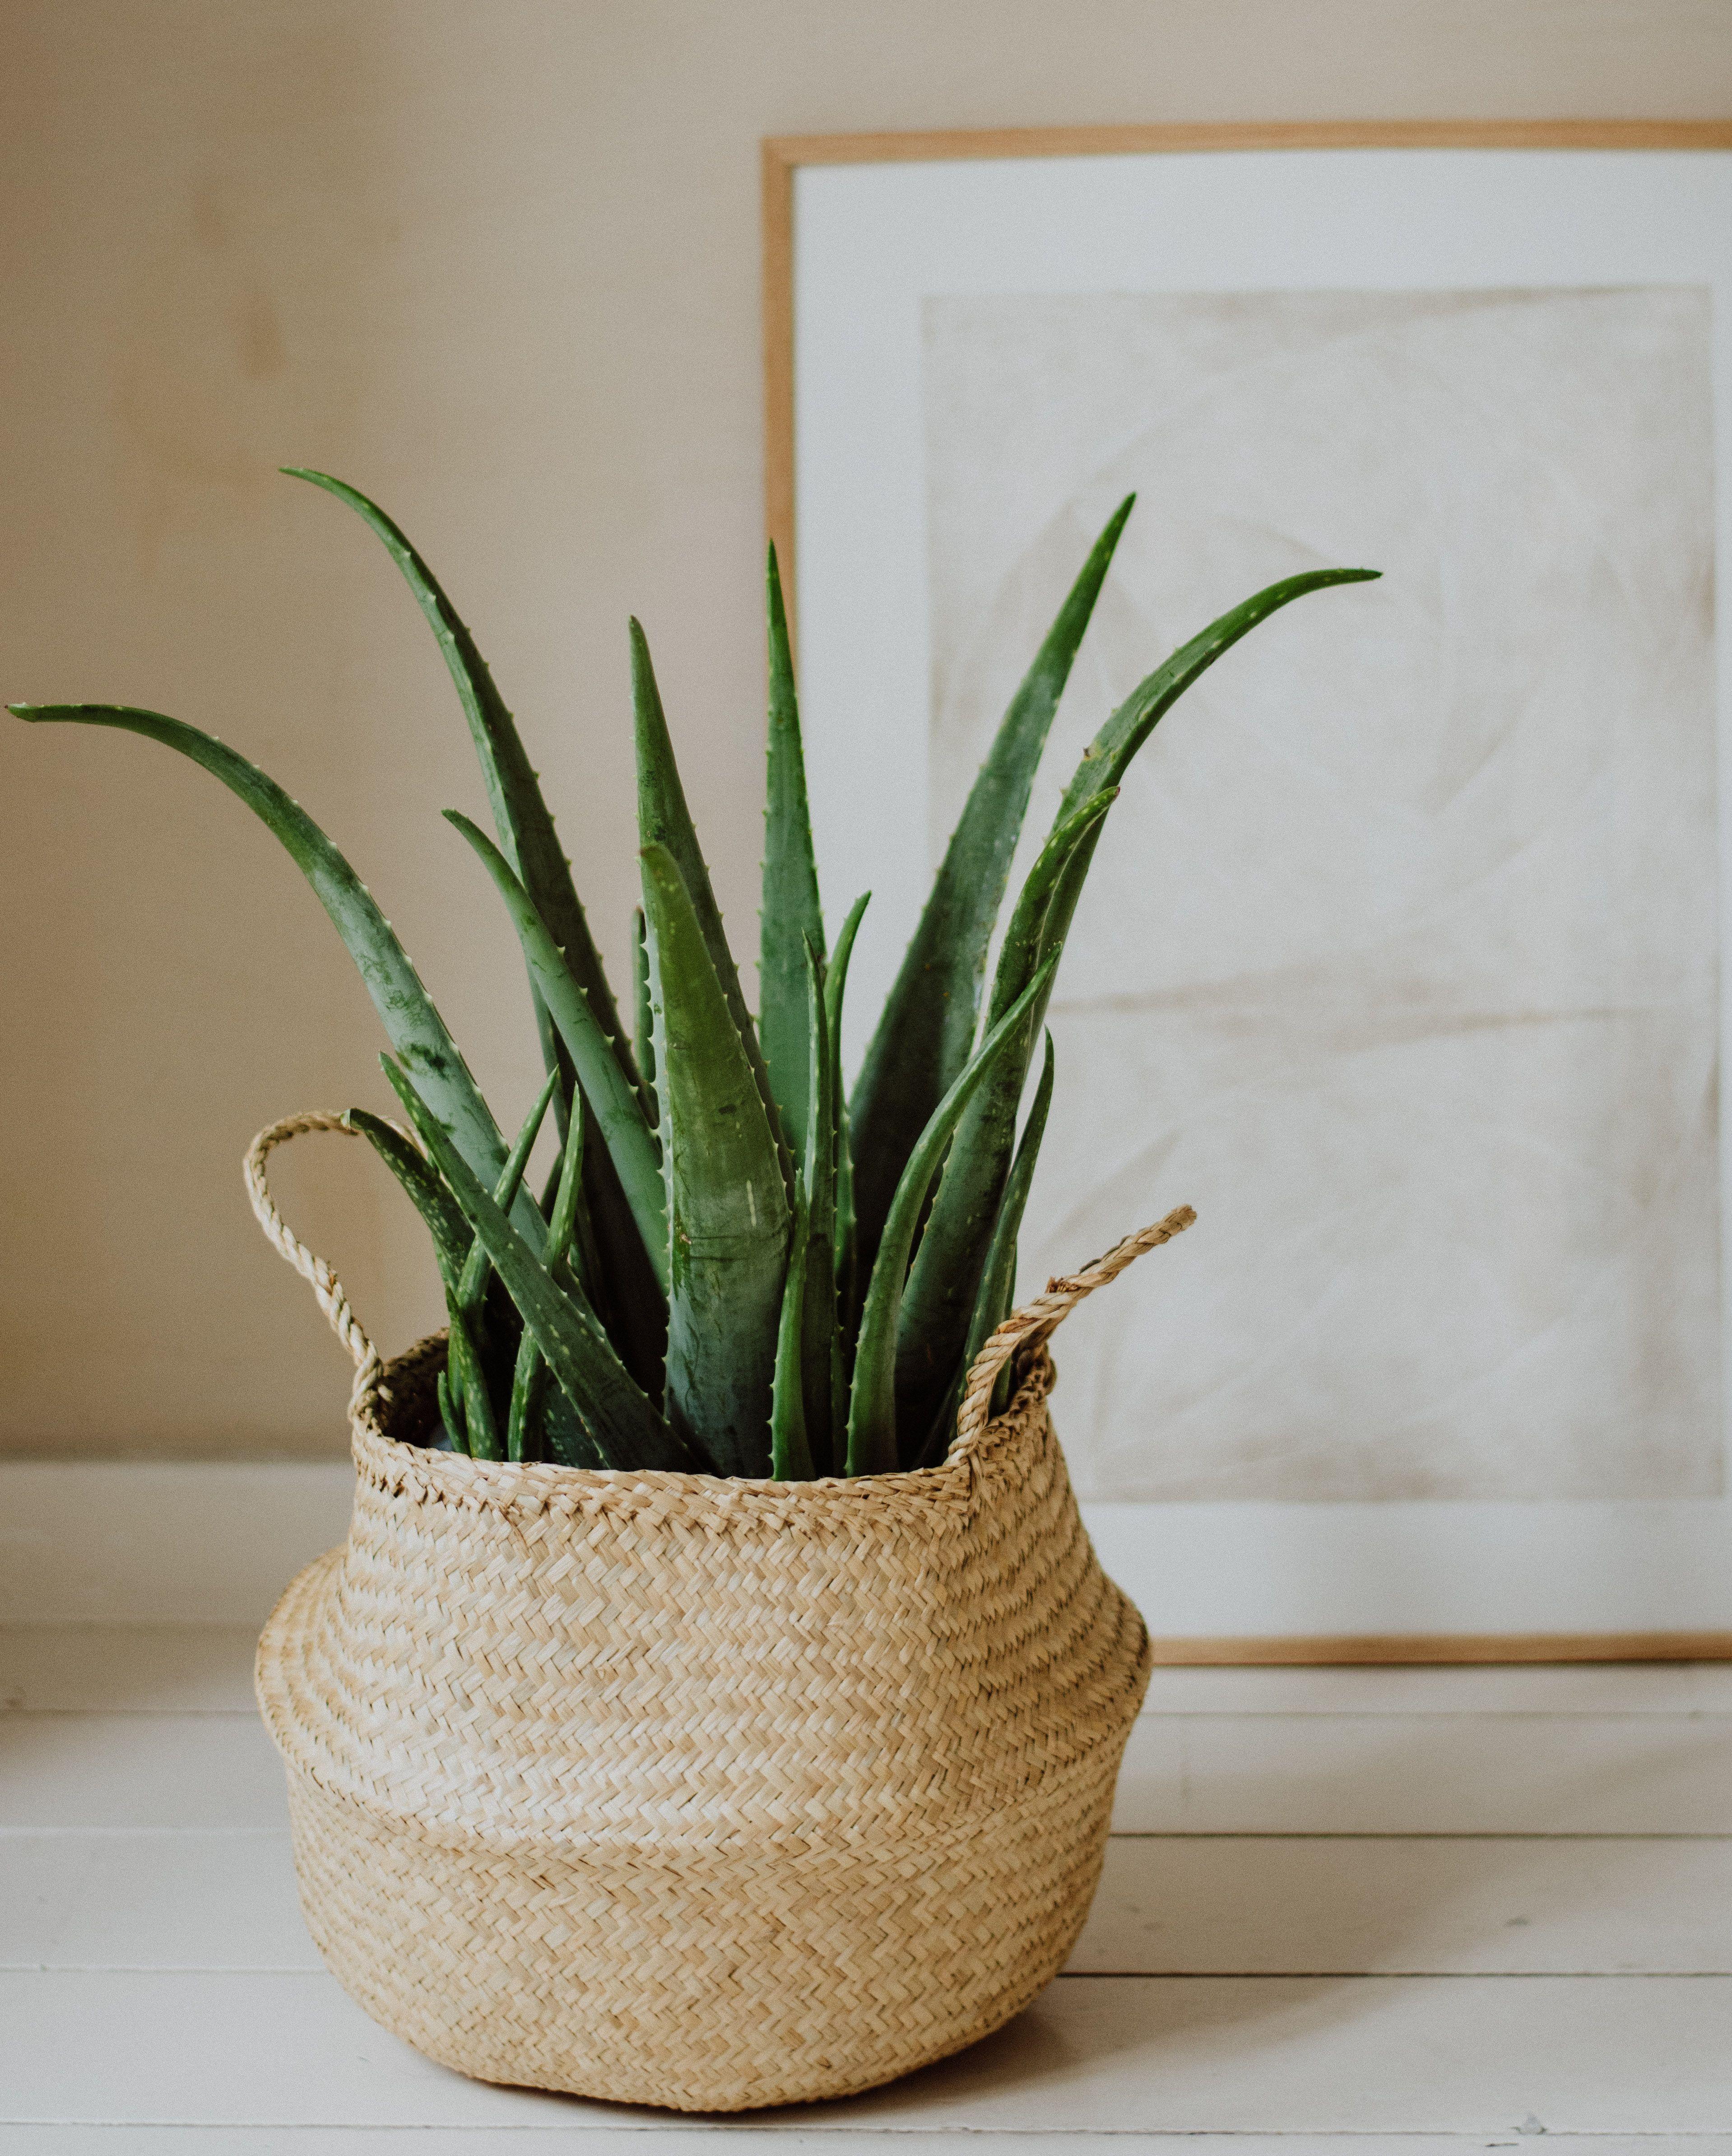 Zet je plant in een mand!